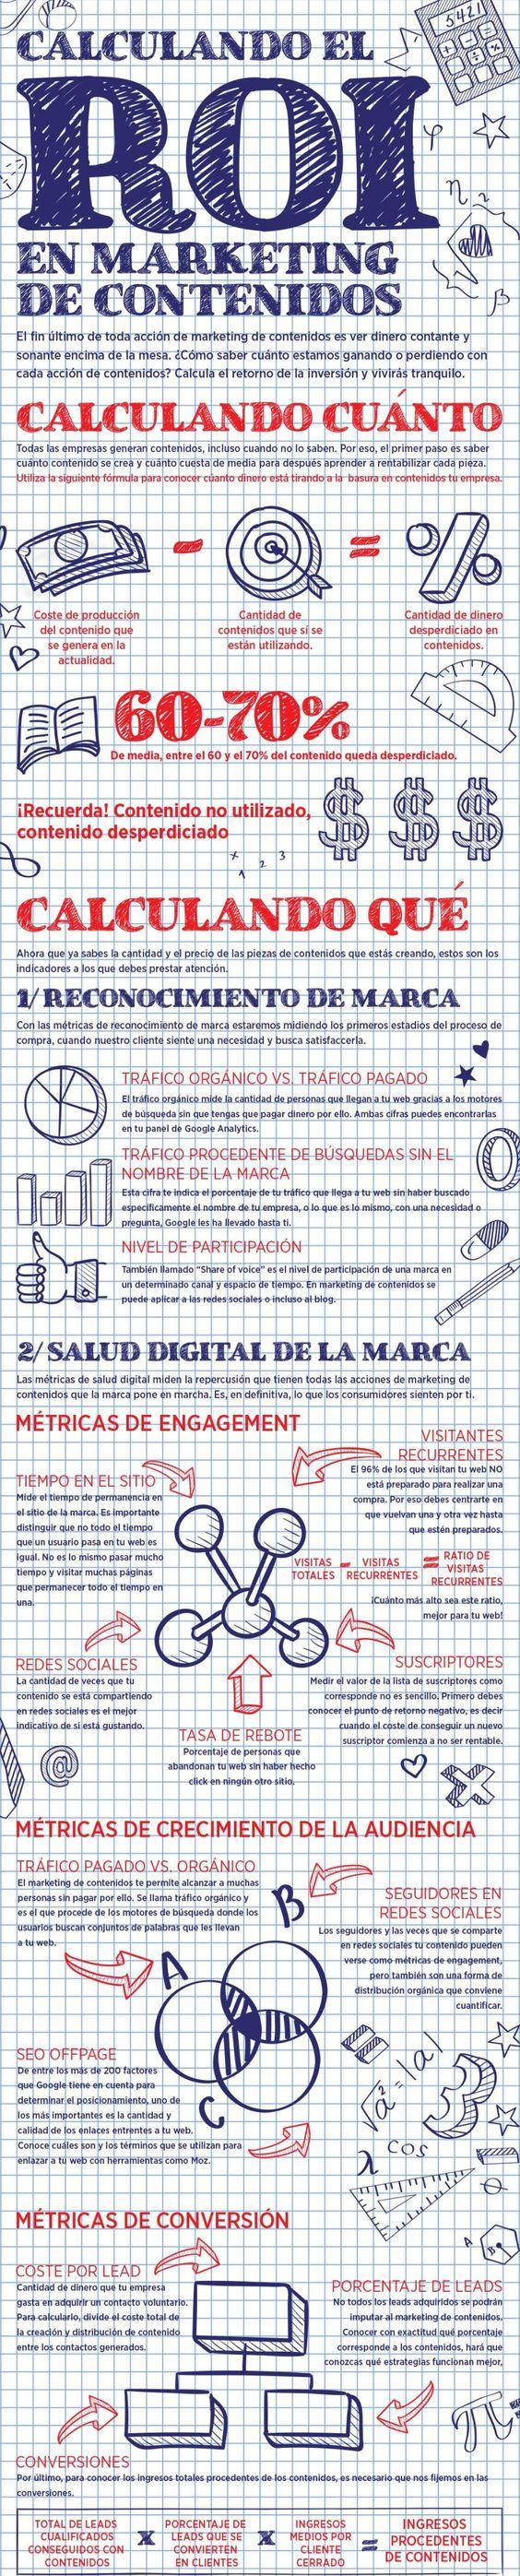 roi-marketing-contenidos-infografia